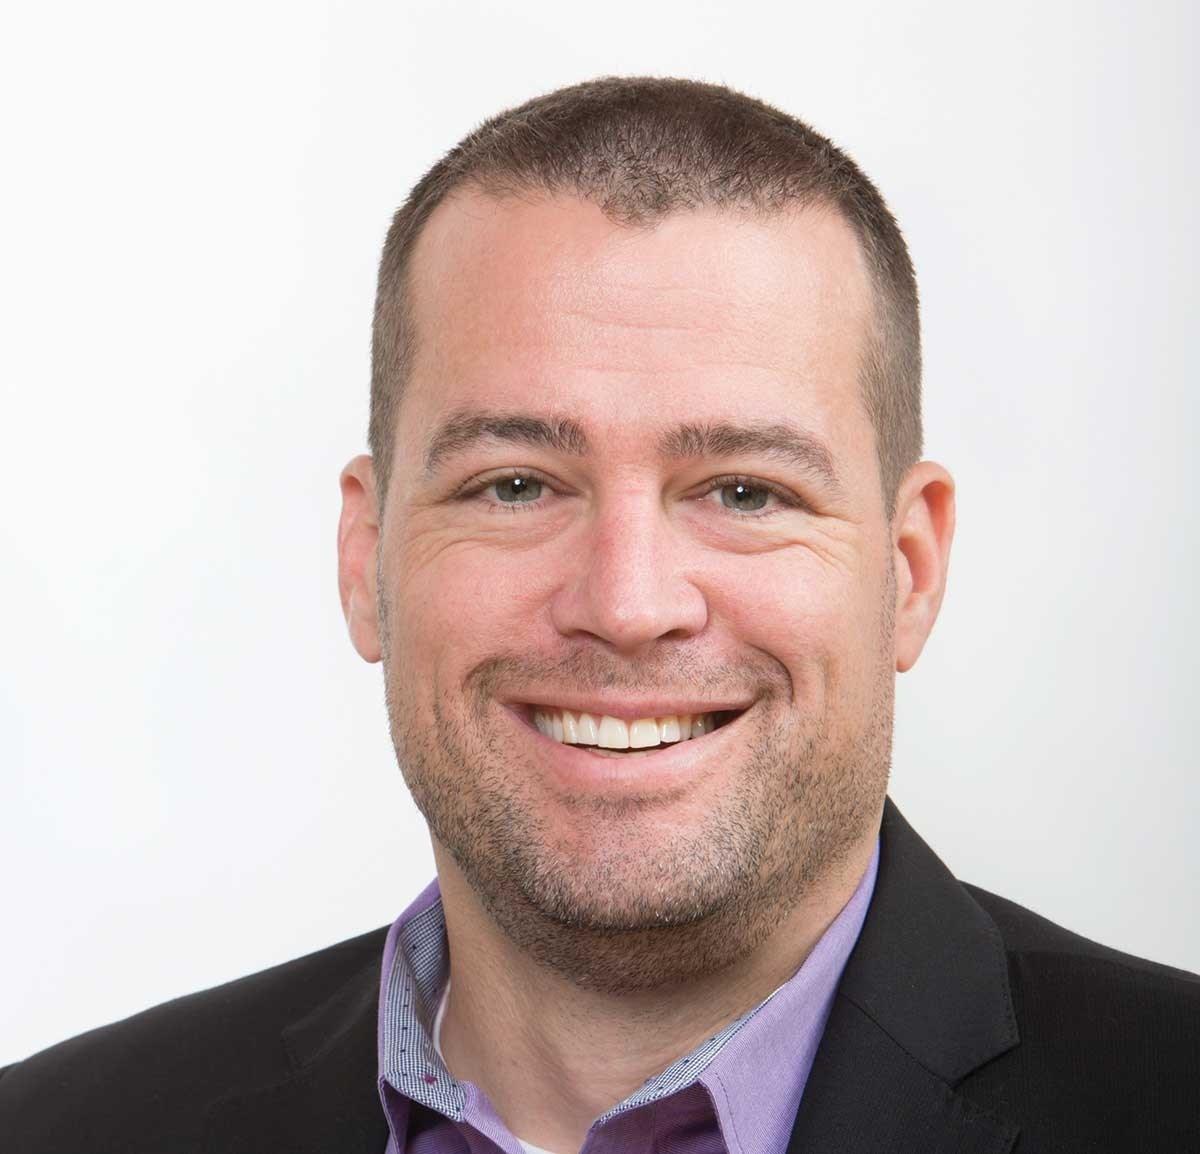 Matt Brown is CEO of Guidemark Health.